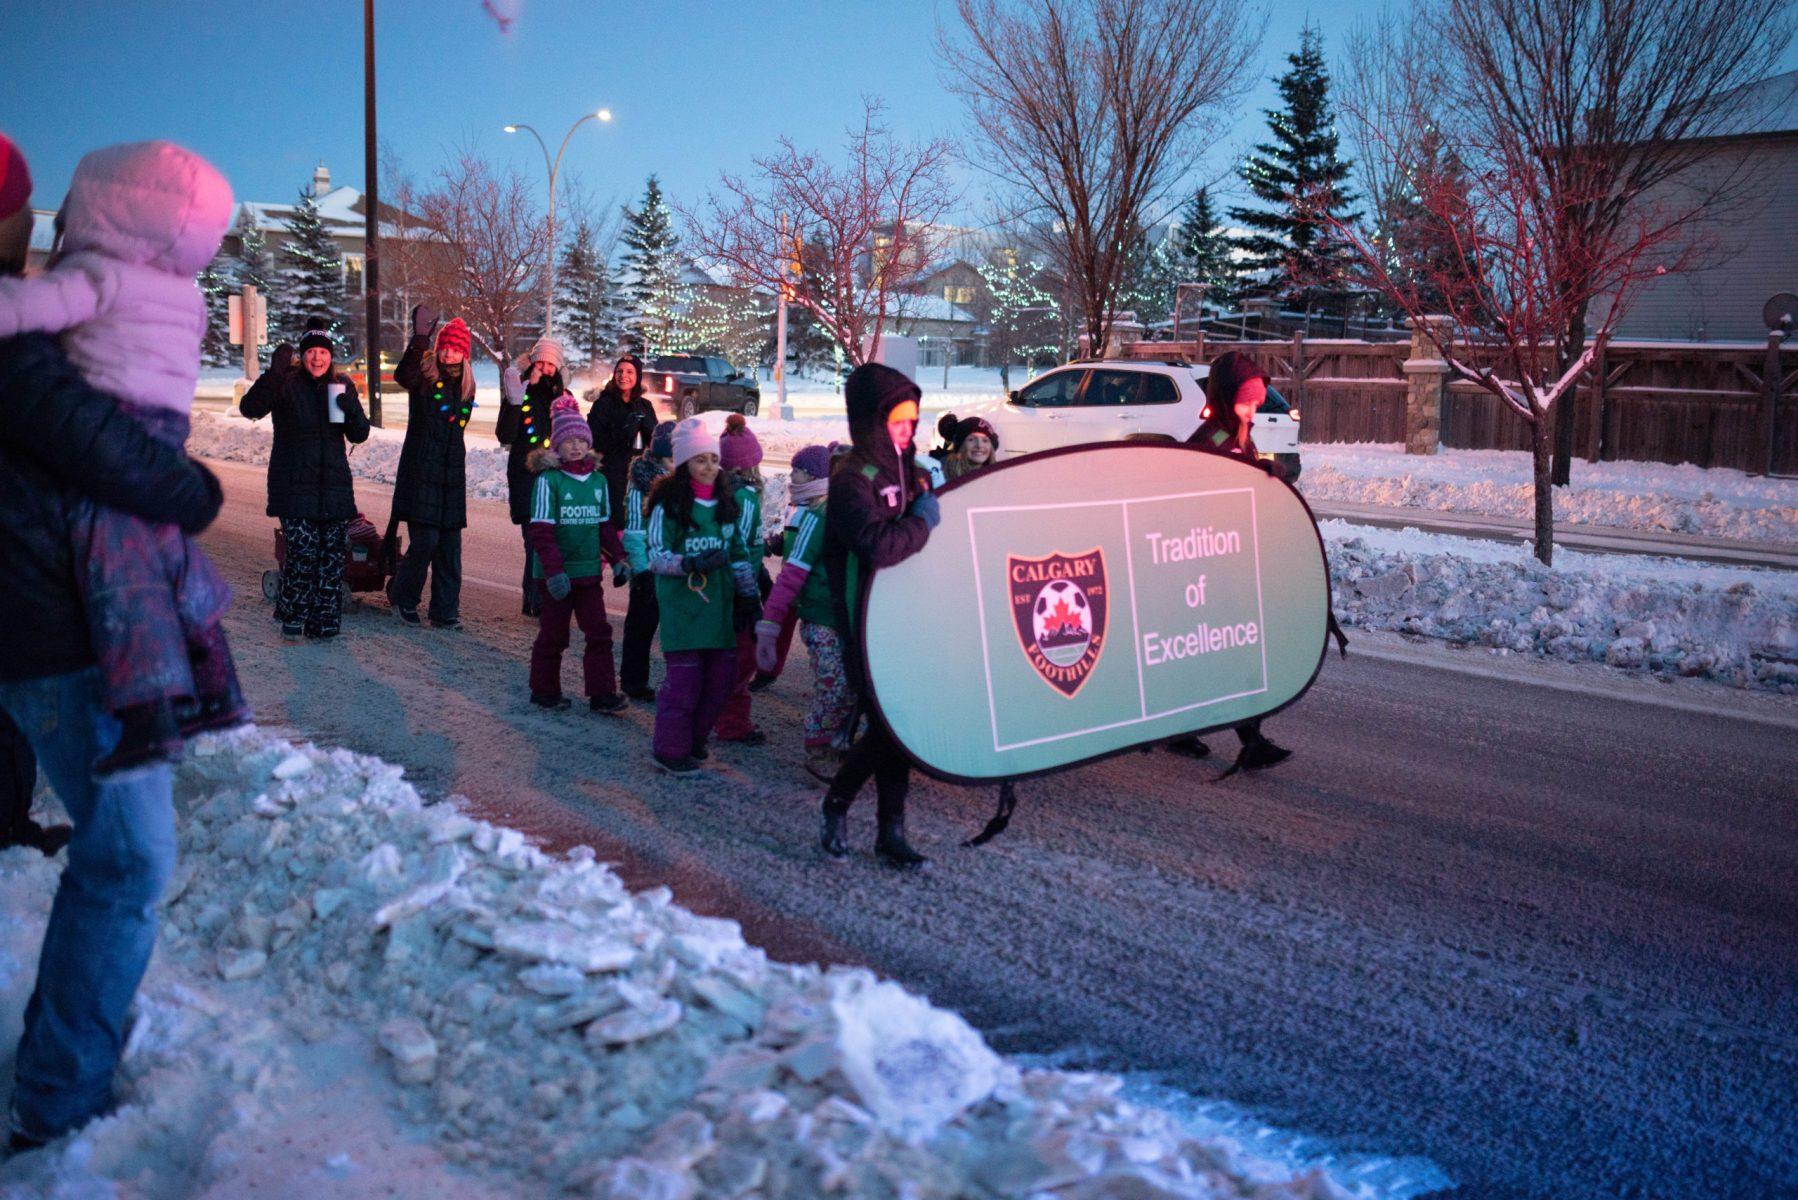 Auburn-Bay-Christmas-Parade-2019-51-scaled